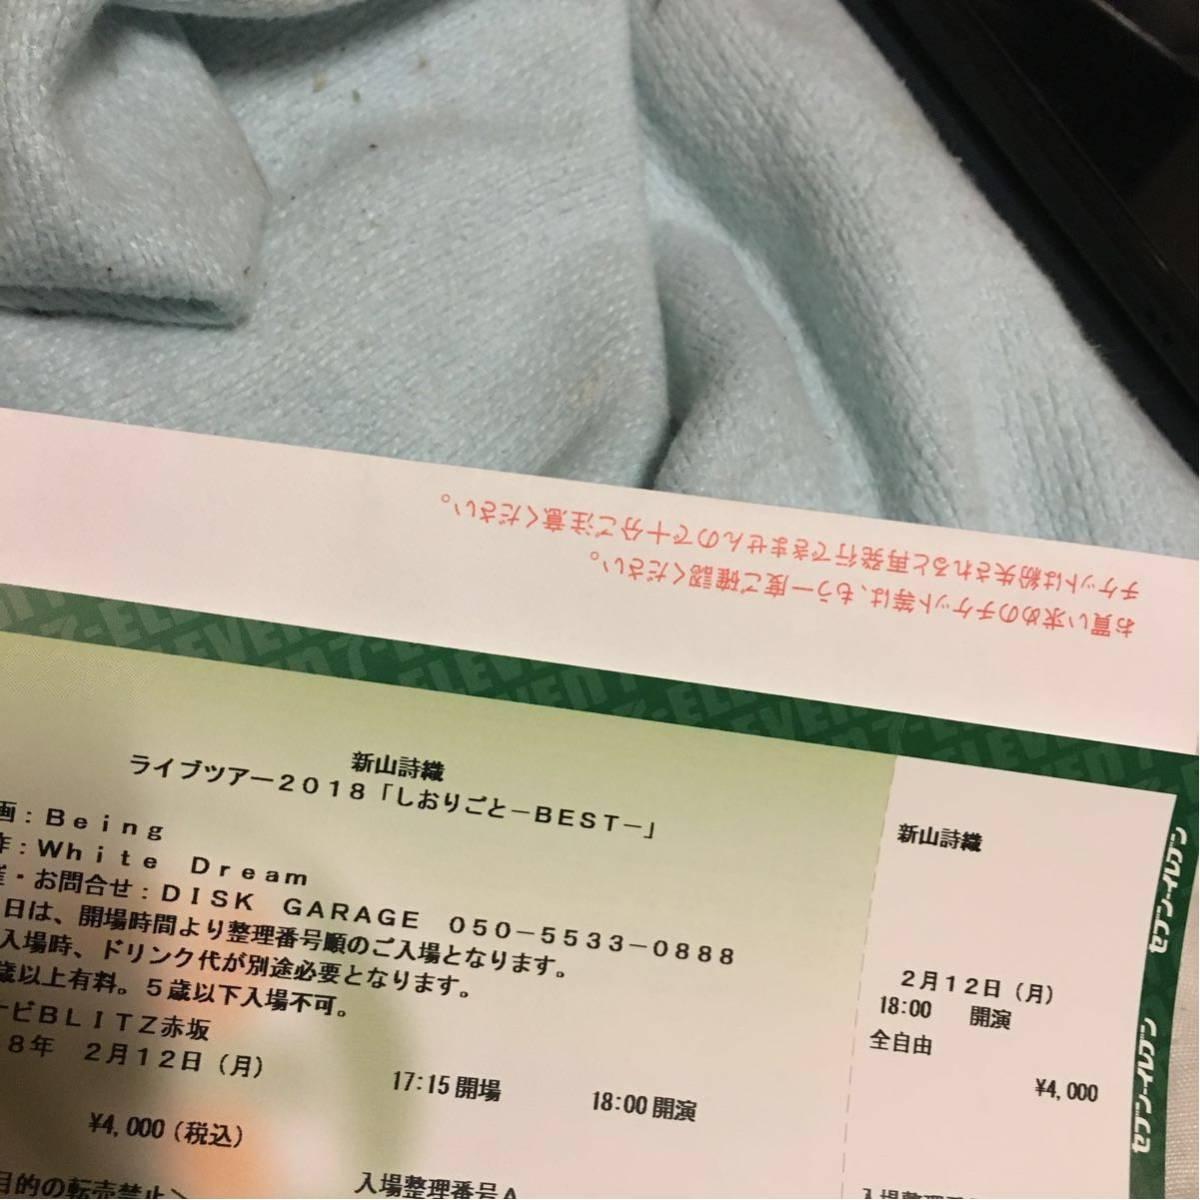 新山詩織 ライブツアー2018「しおりごと-BEST」赤坂BLITZ入場整理番号:一桁番台 最前列1枚